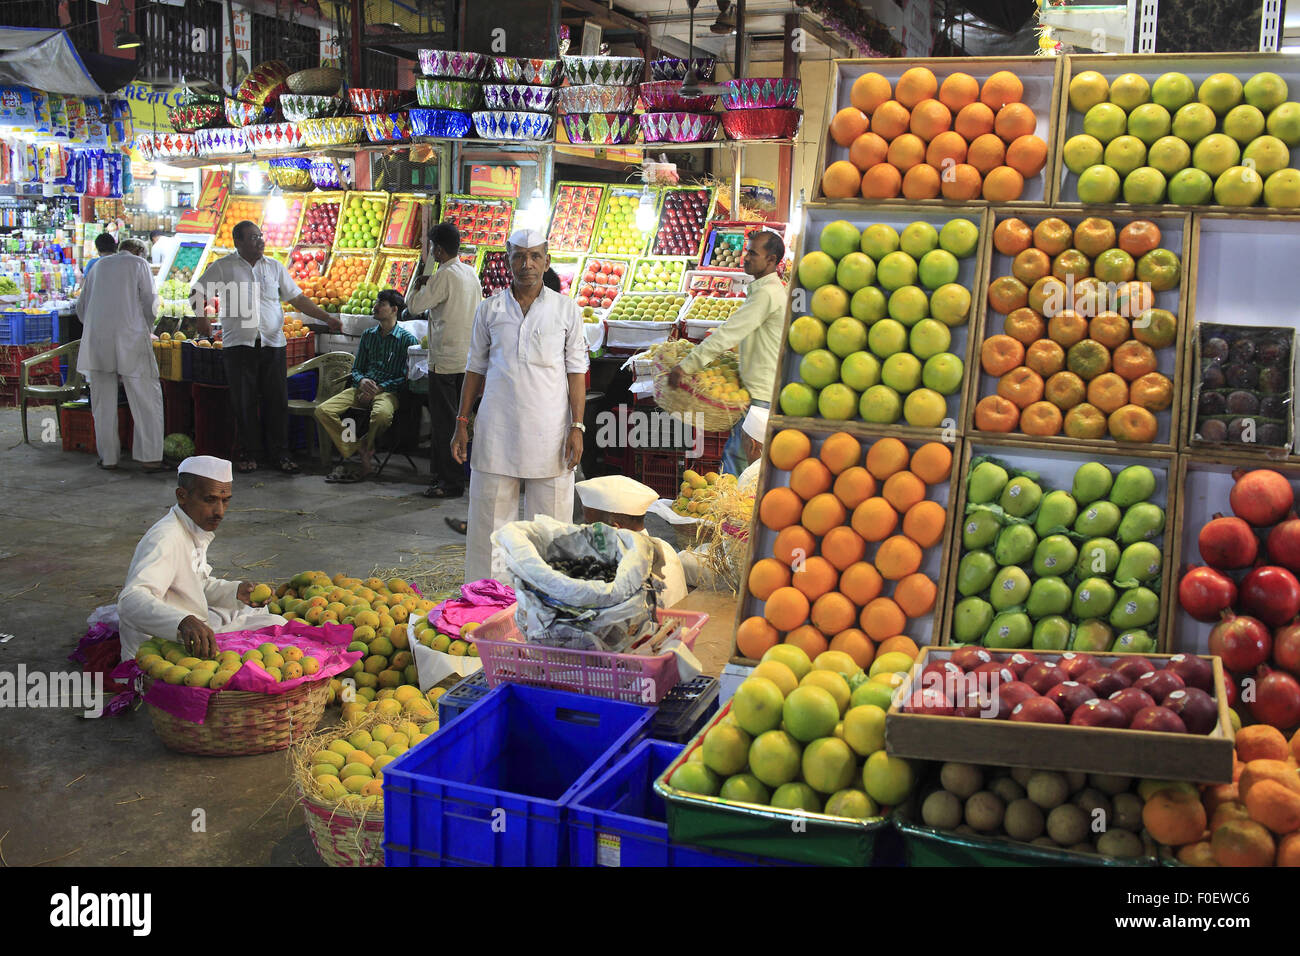 Mumbai, Maharashtra. 1 apr, 2014. 01 aprile 2014, Mumbai - India.Vista della Ram morde il negozio di frutta chiamato Immagini Stock